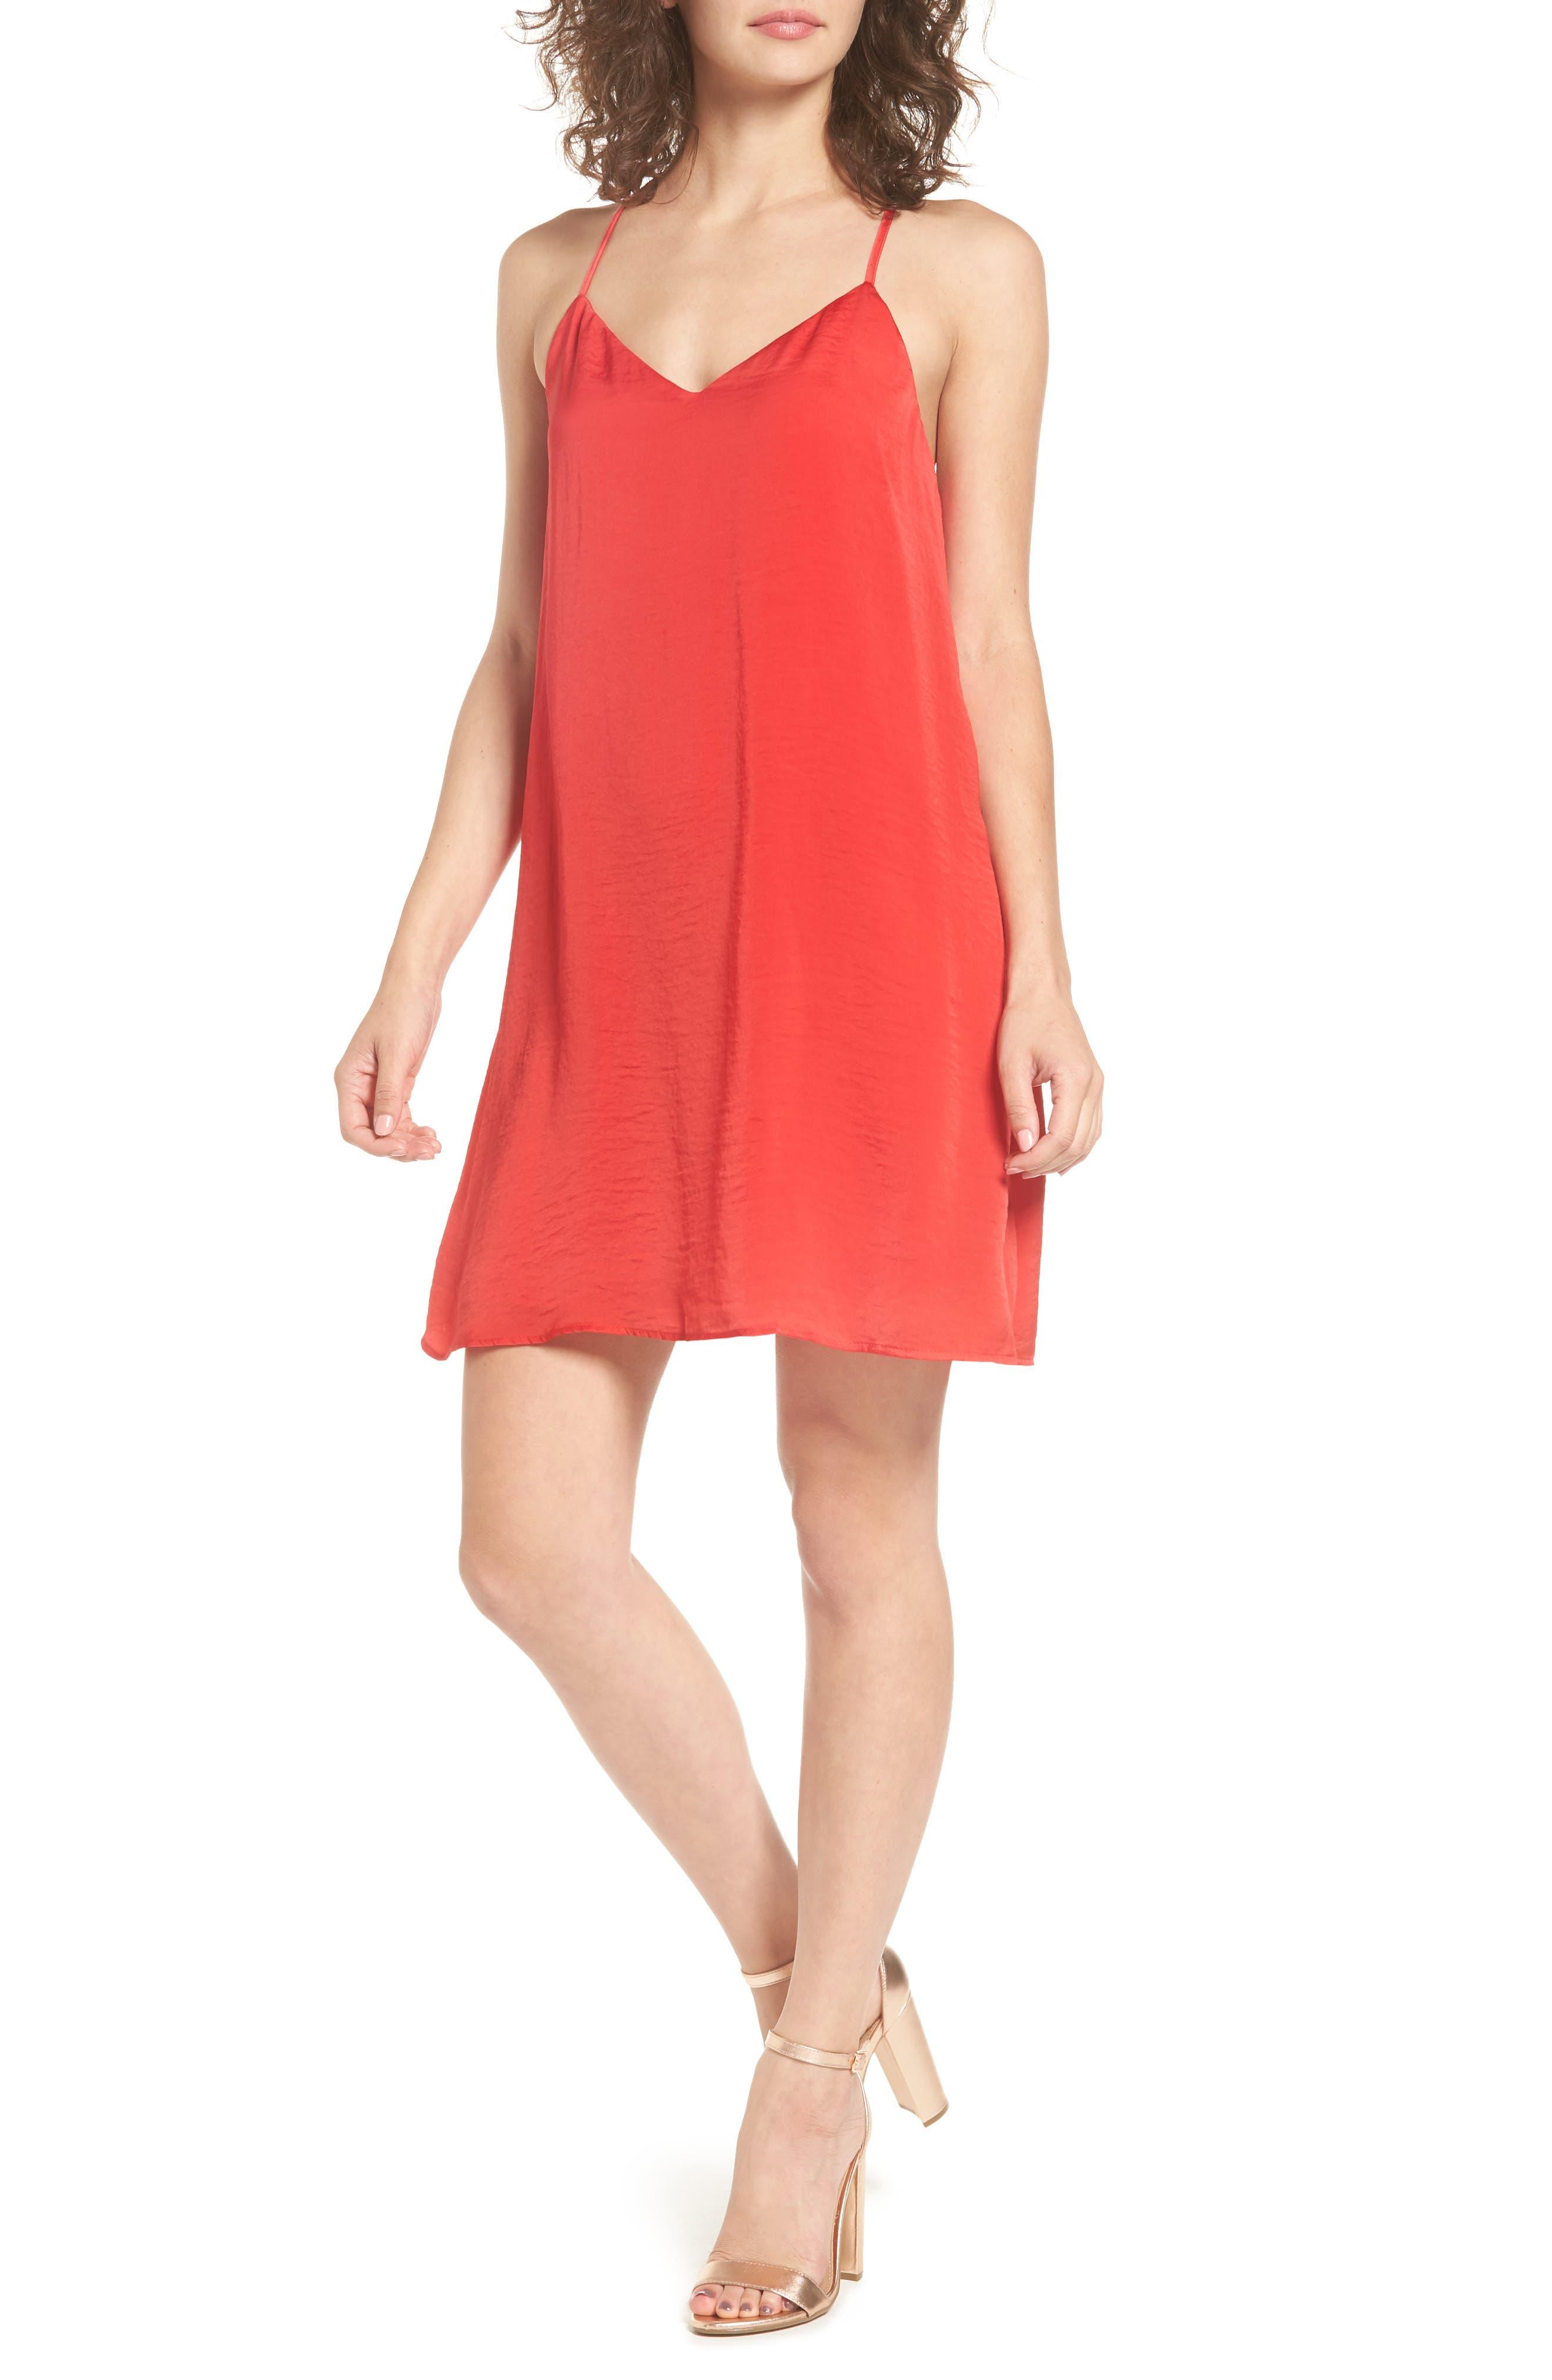 As You Wish Cami Dress